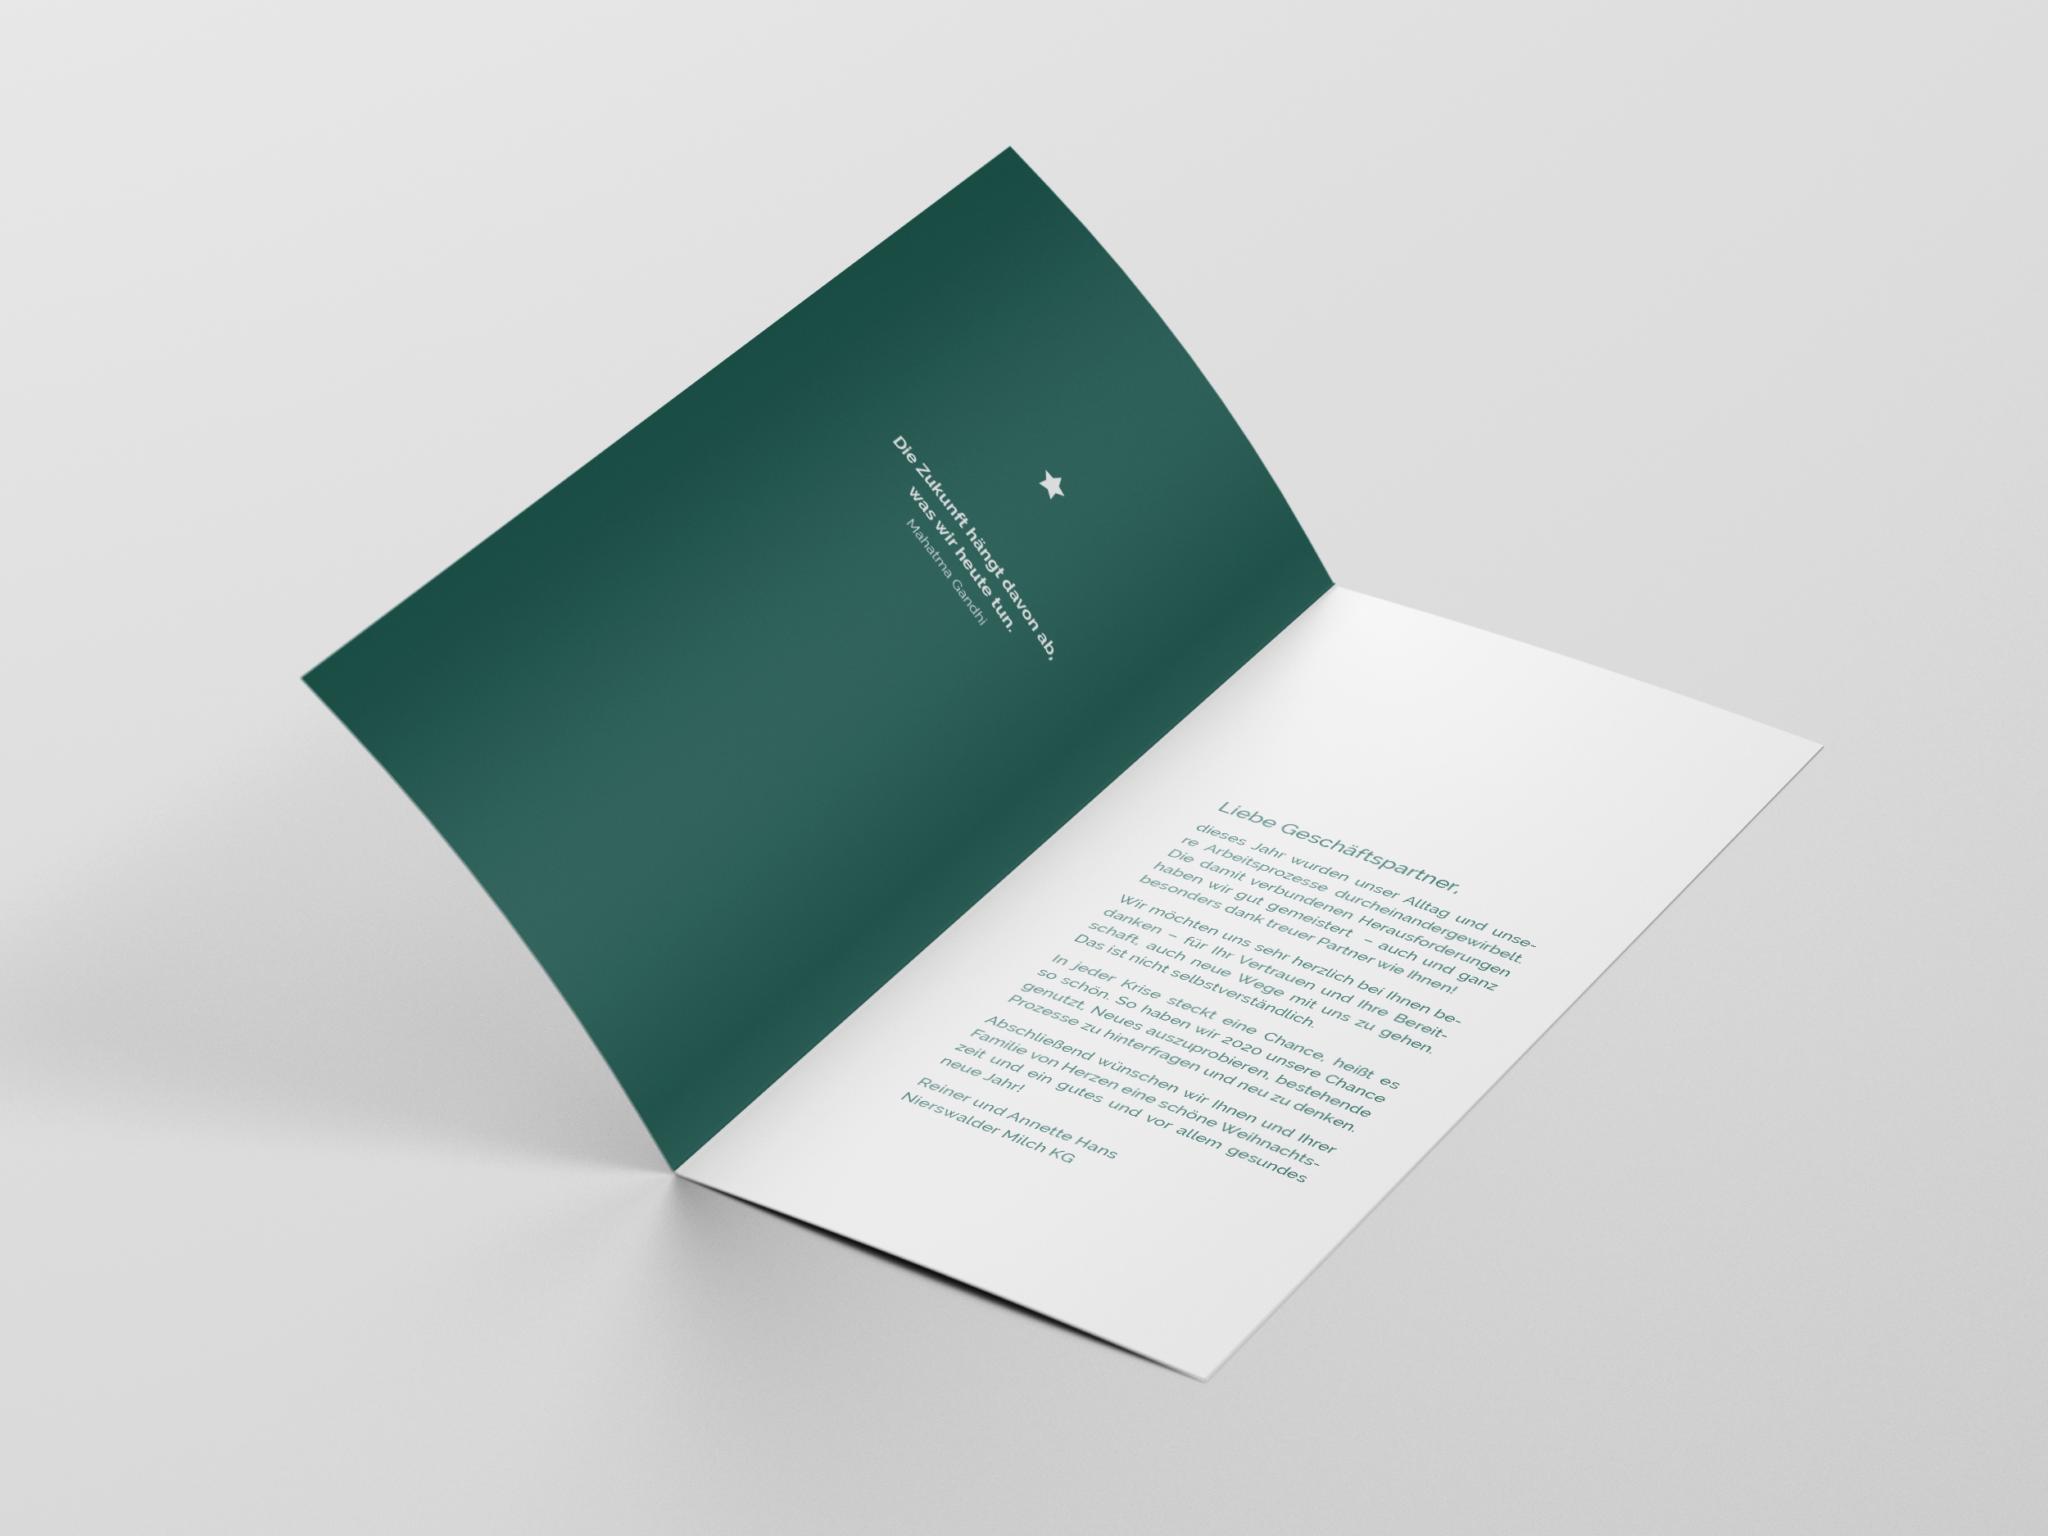 regel-design-nierswalder-kuhhof-weihnachtsgruss-02